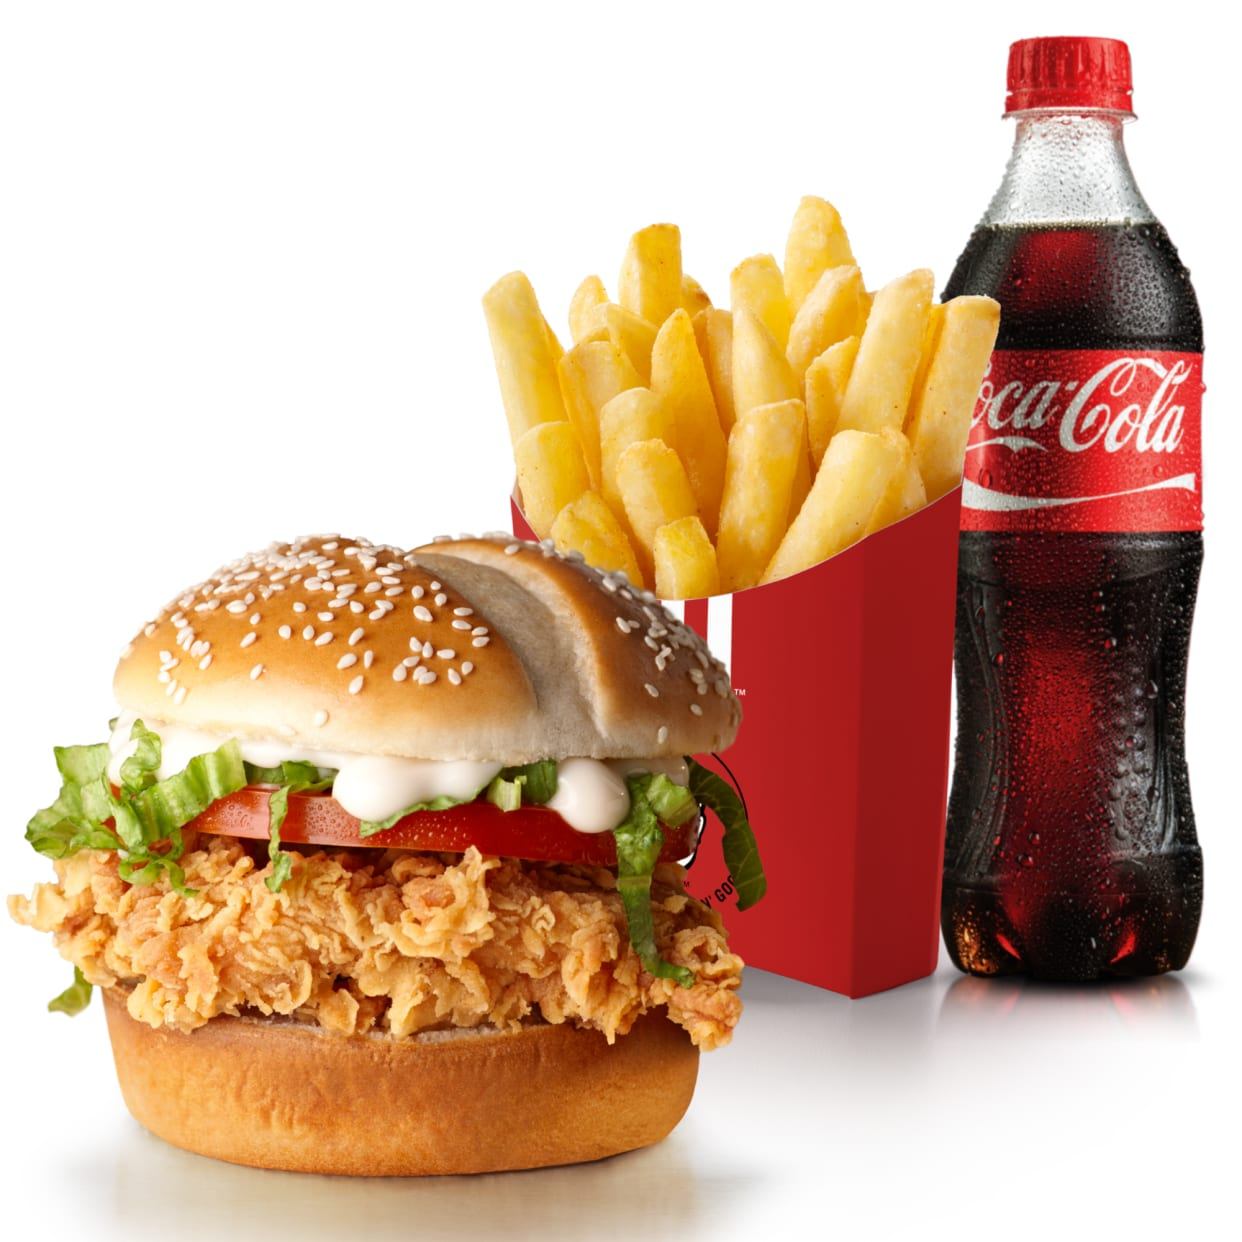 Zinger Burger Meal